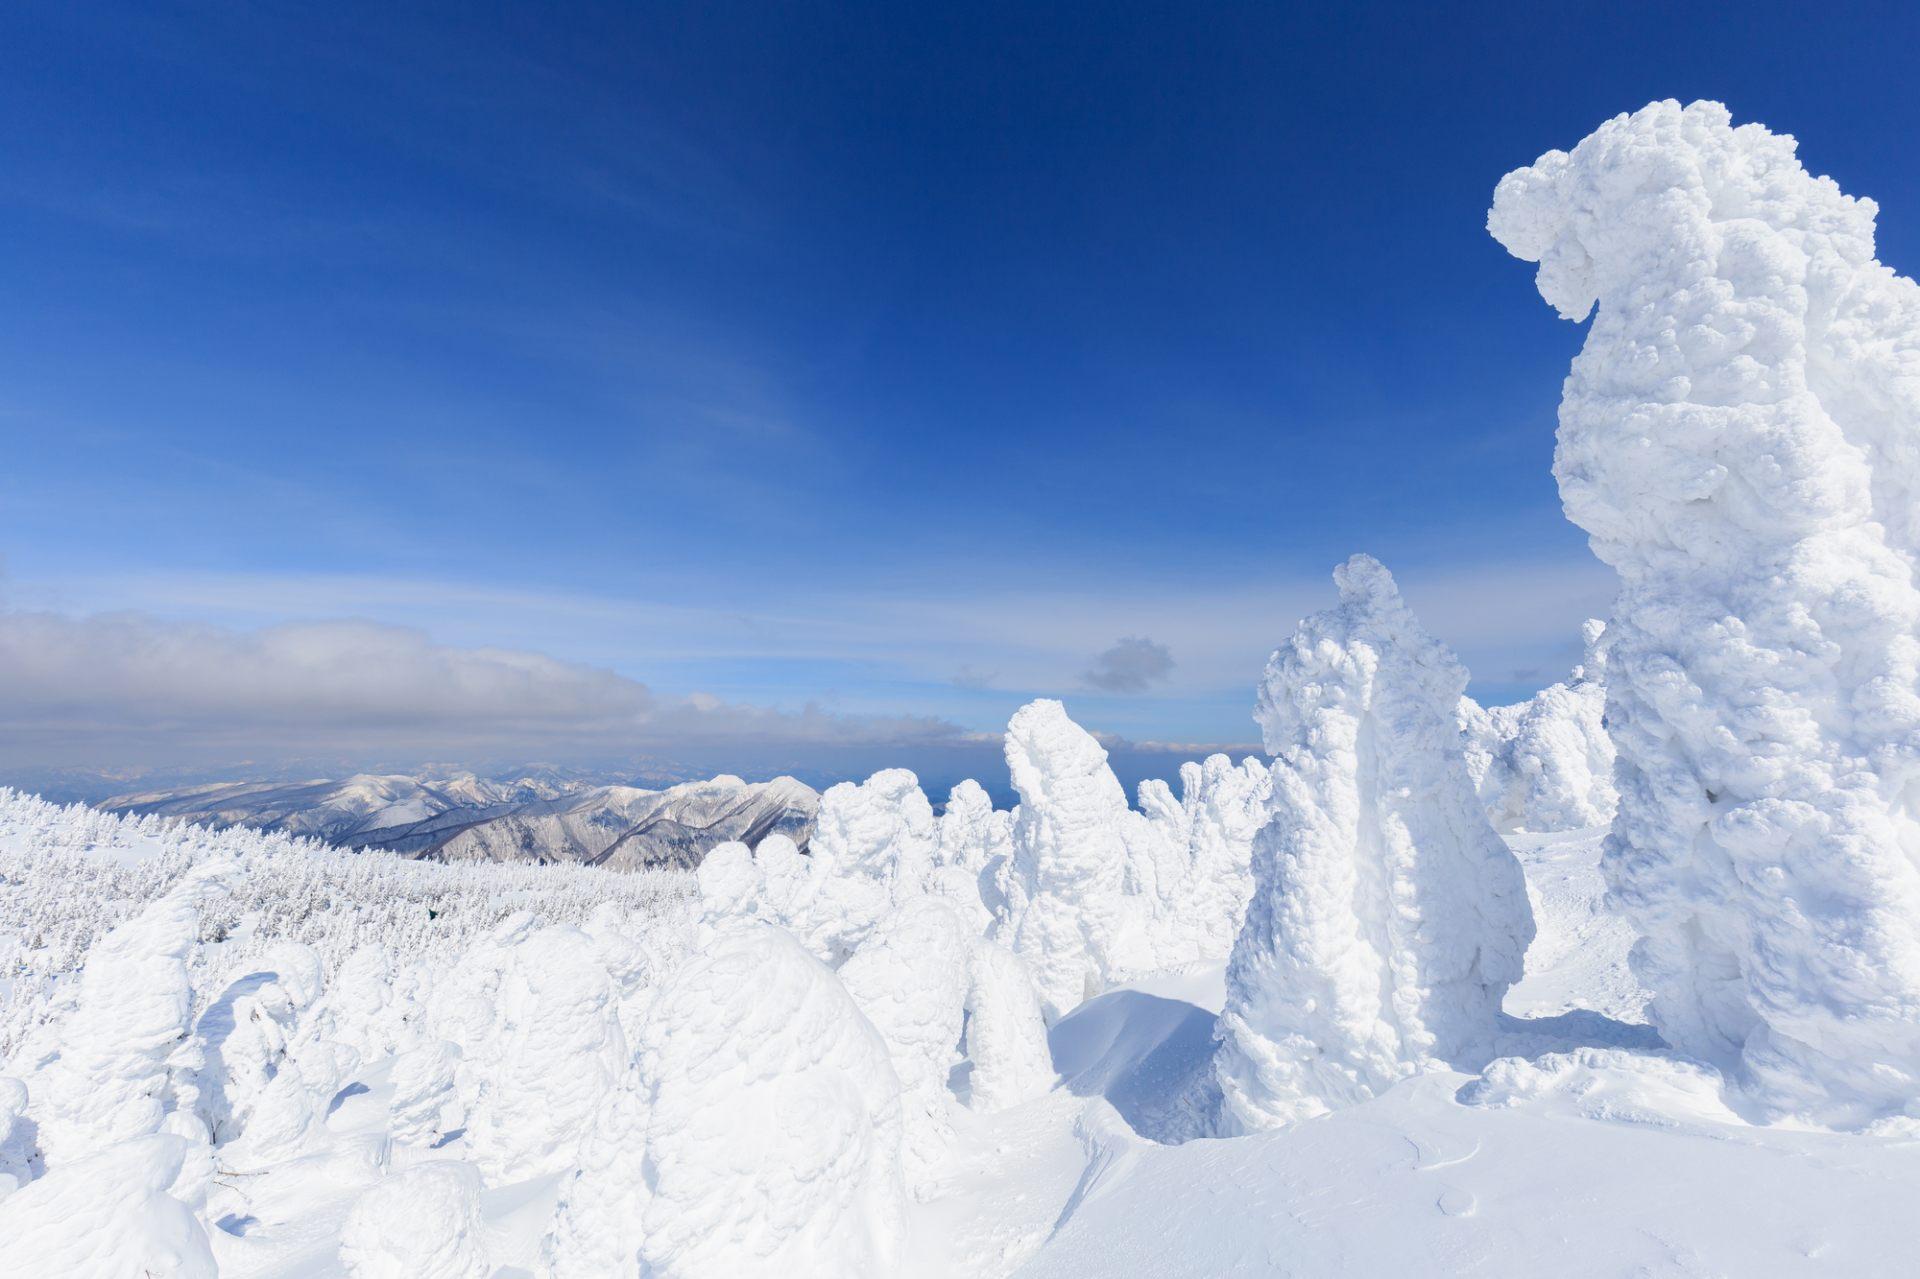 樹冰景觀在眼前擴展